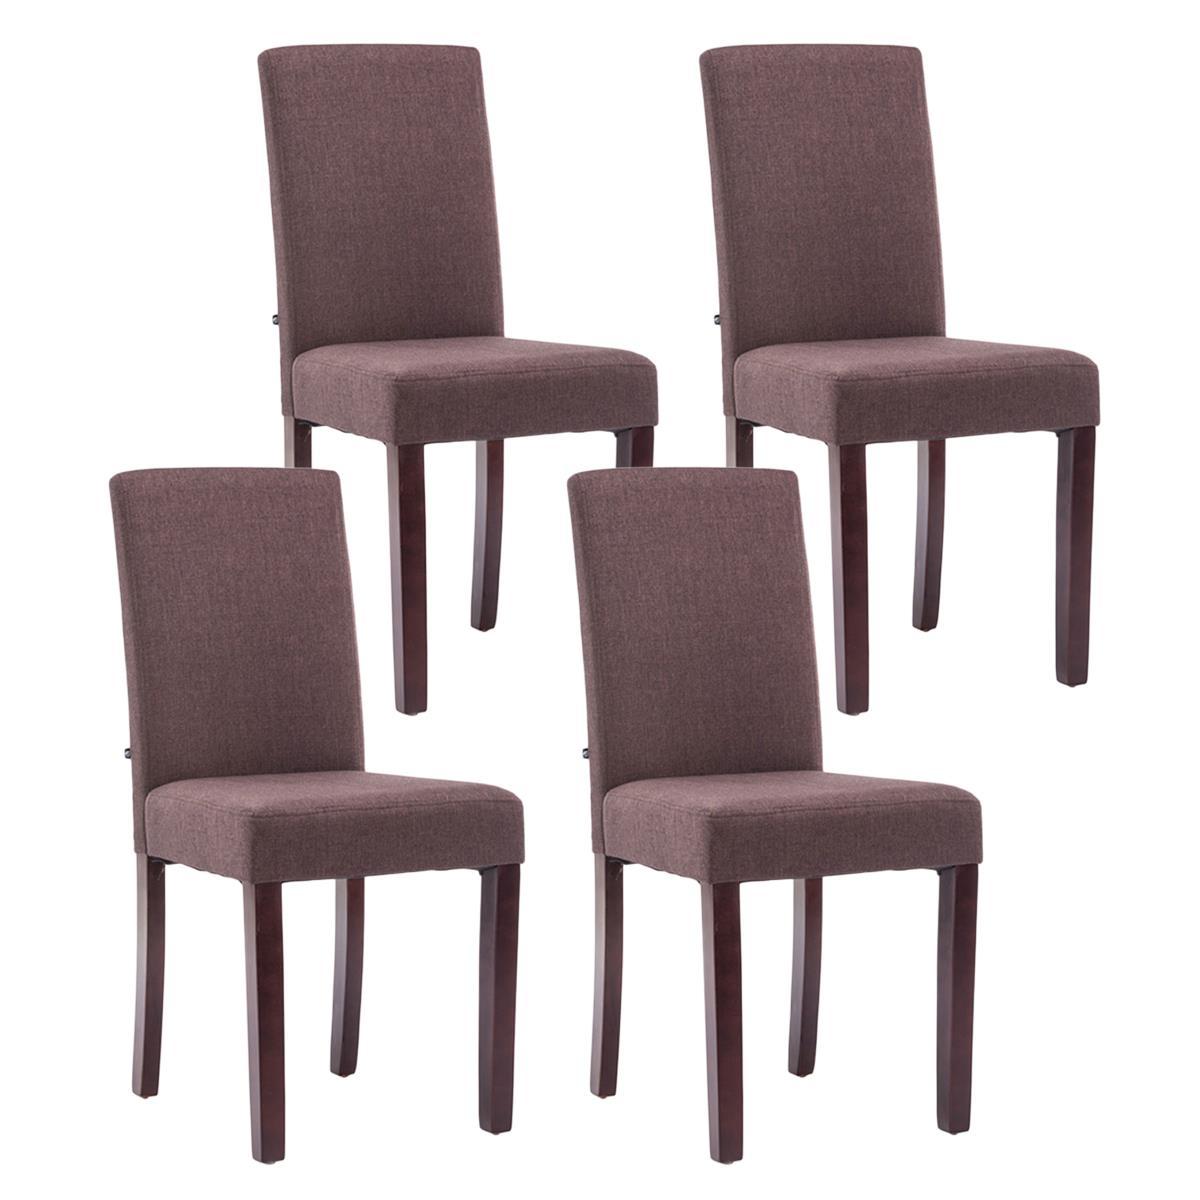 Sedie per salone for Sedie salone moderne